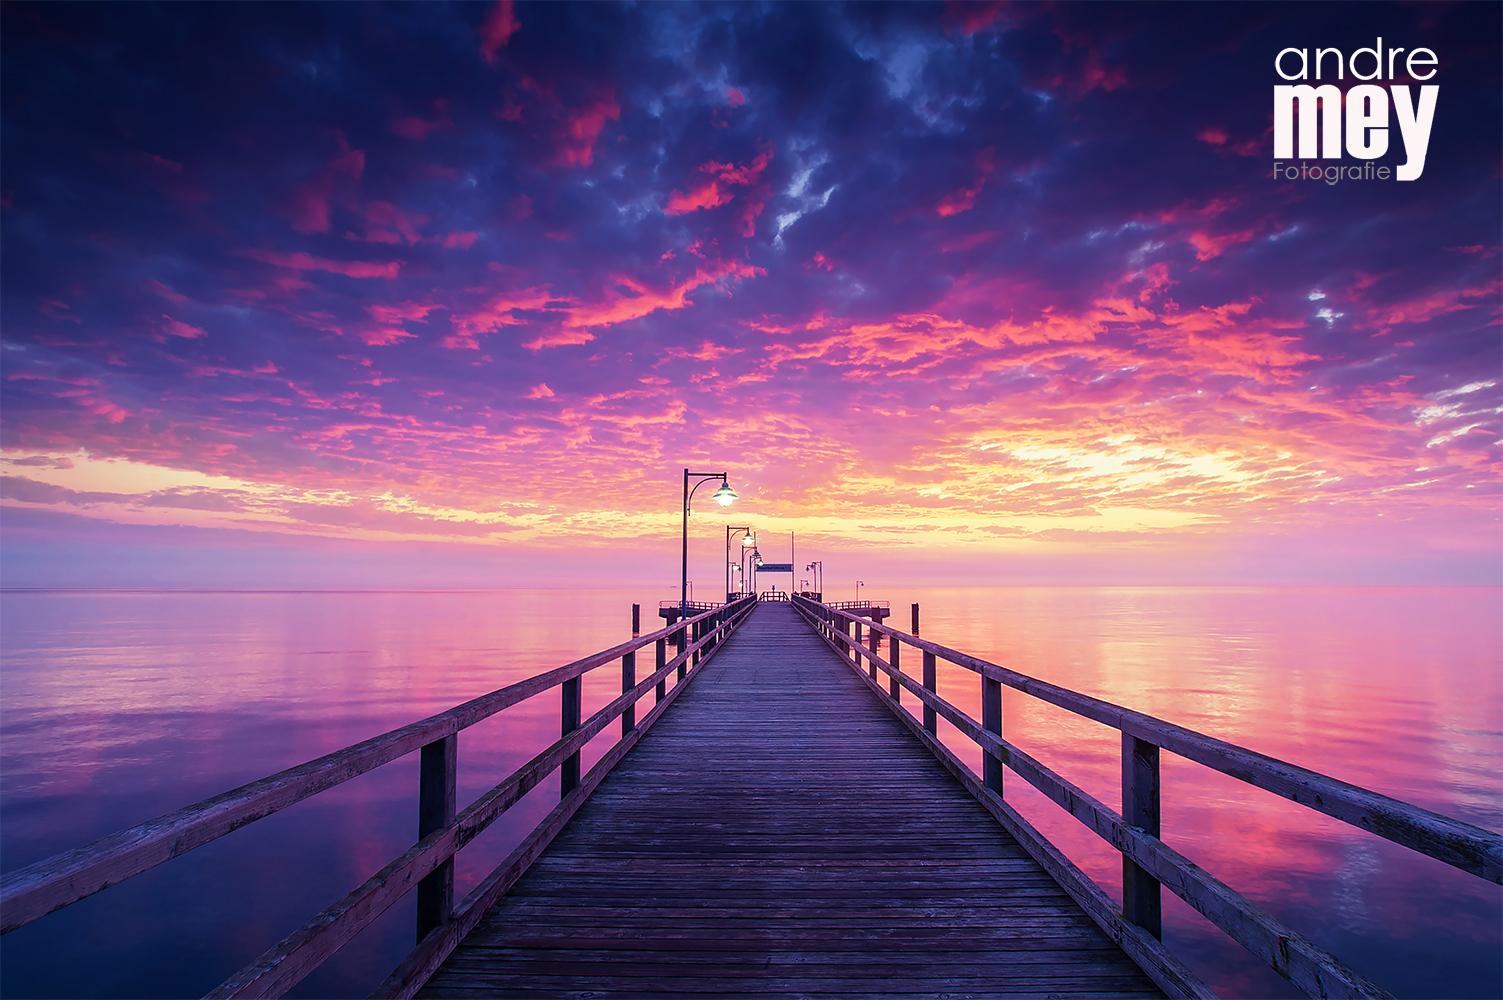 Ich liebe das Meer. Diese Aufnahme entstand im Juli 2007 beim Sonnenaufgang, als ich einen einwöchigen Fotourlaub auf Usedom genoss.